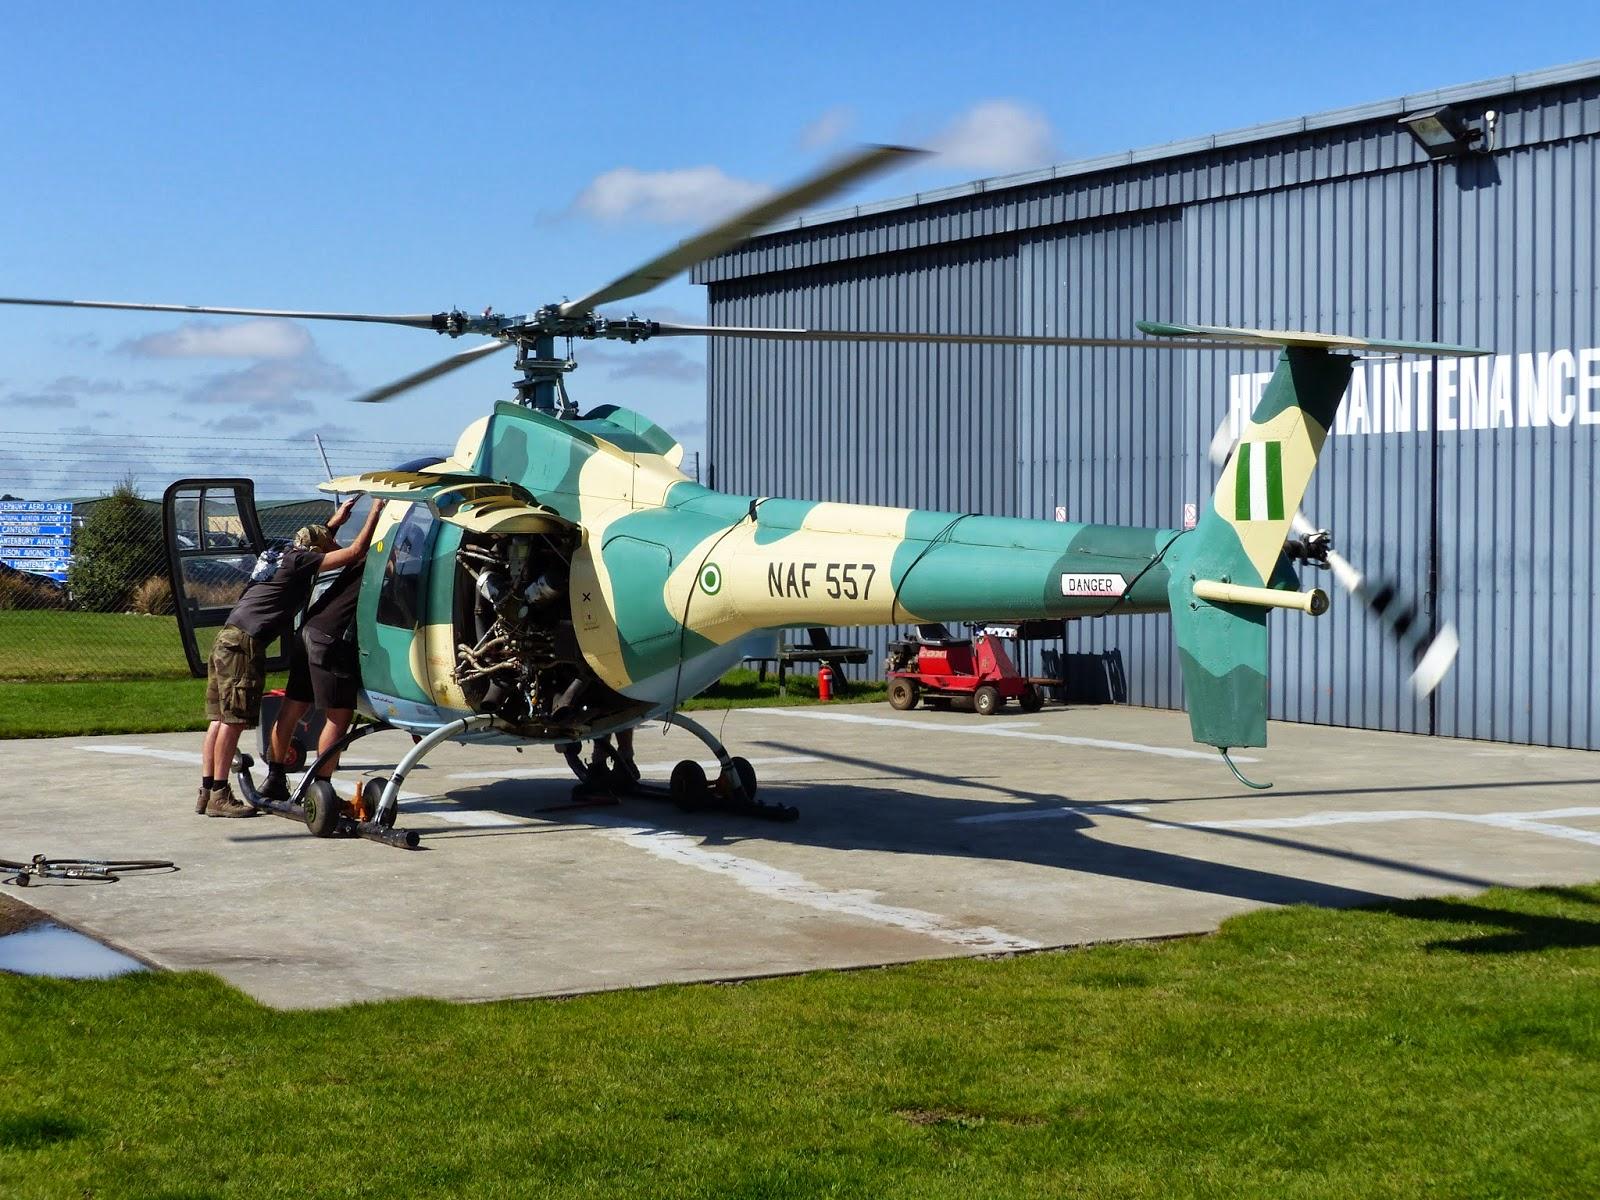 Первая наземная гонка двигателя прошедшего ремонт на новозеландском предприятии Heli Maintenance вертолета Ми-34С (бывший нигерийский номер NAF 557, заводской номер 9783034102005), ранее принадлежавшего ВВС Нигерии. Крайстерч, 19.03.2014.